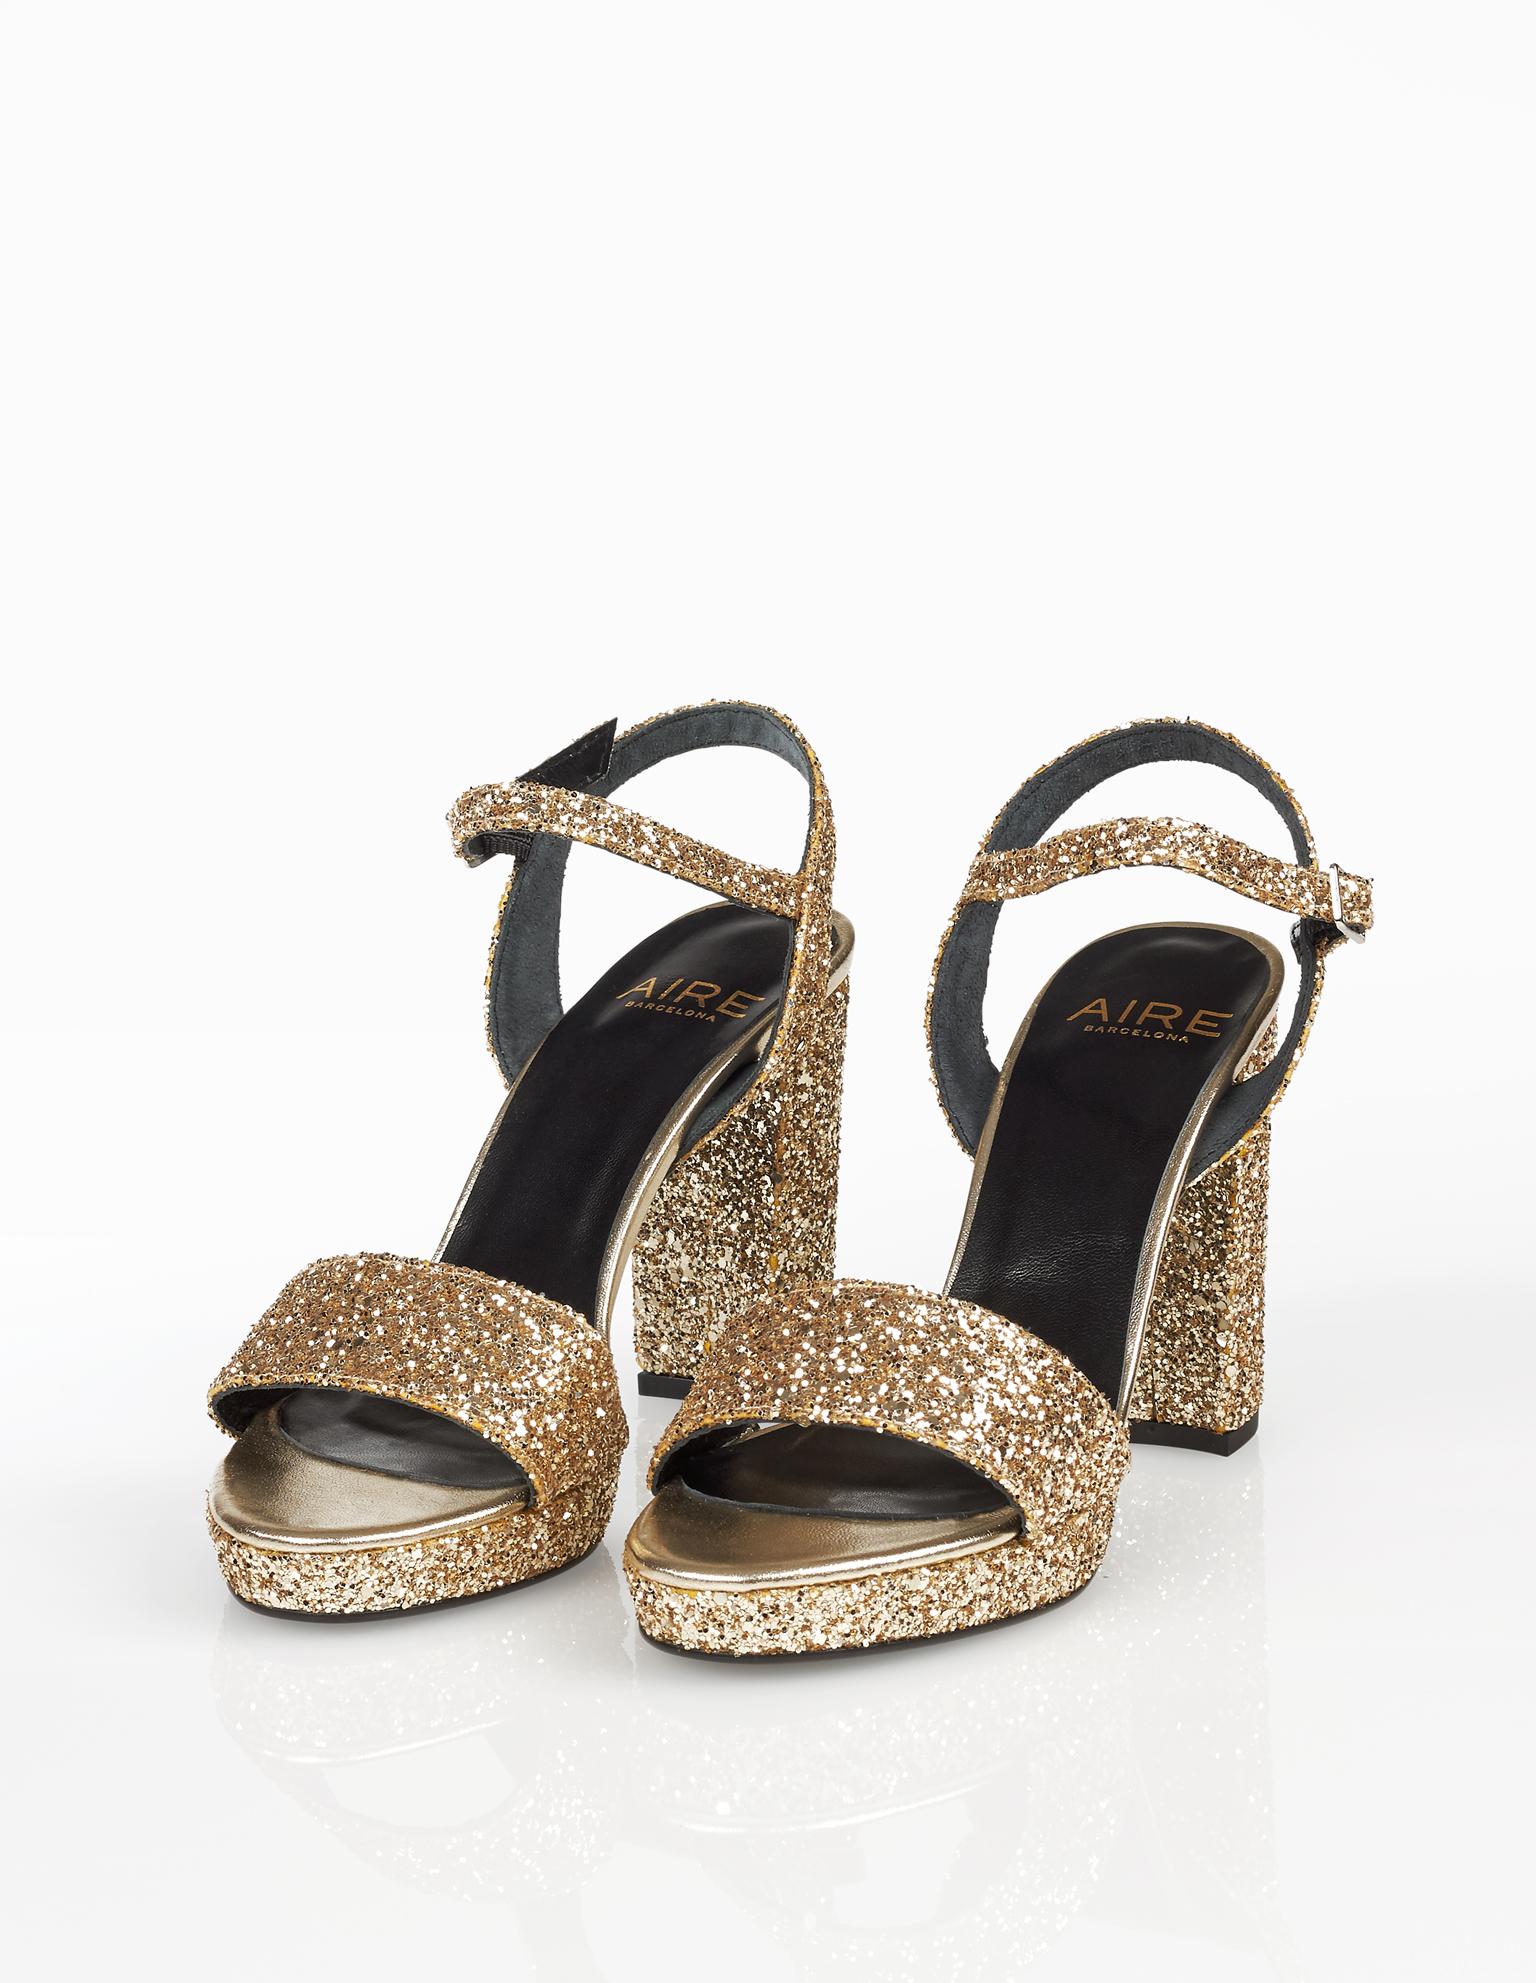 Sandálias de cocktail de glitter com plataforma e salto alto, disponíveis em preto, cor de chumbo, azul-marinho, prateado e champanhe. Coleção FIESTA AIRE BARCELONA 2018.